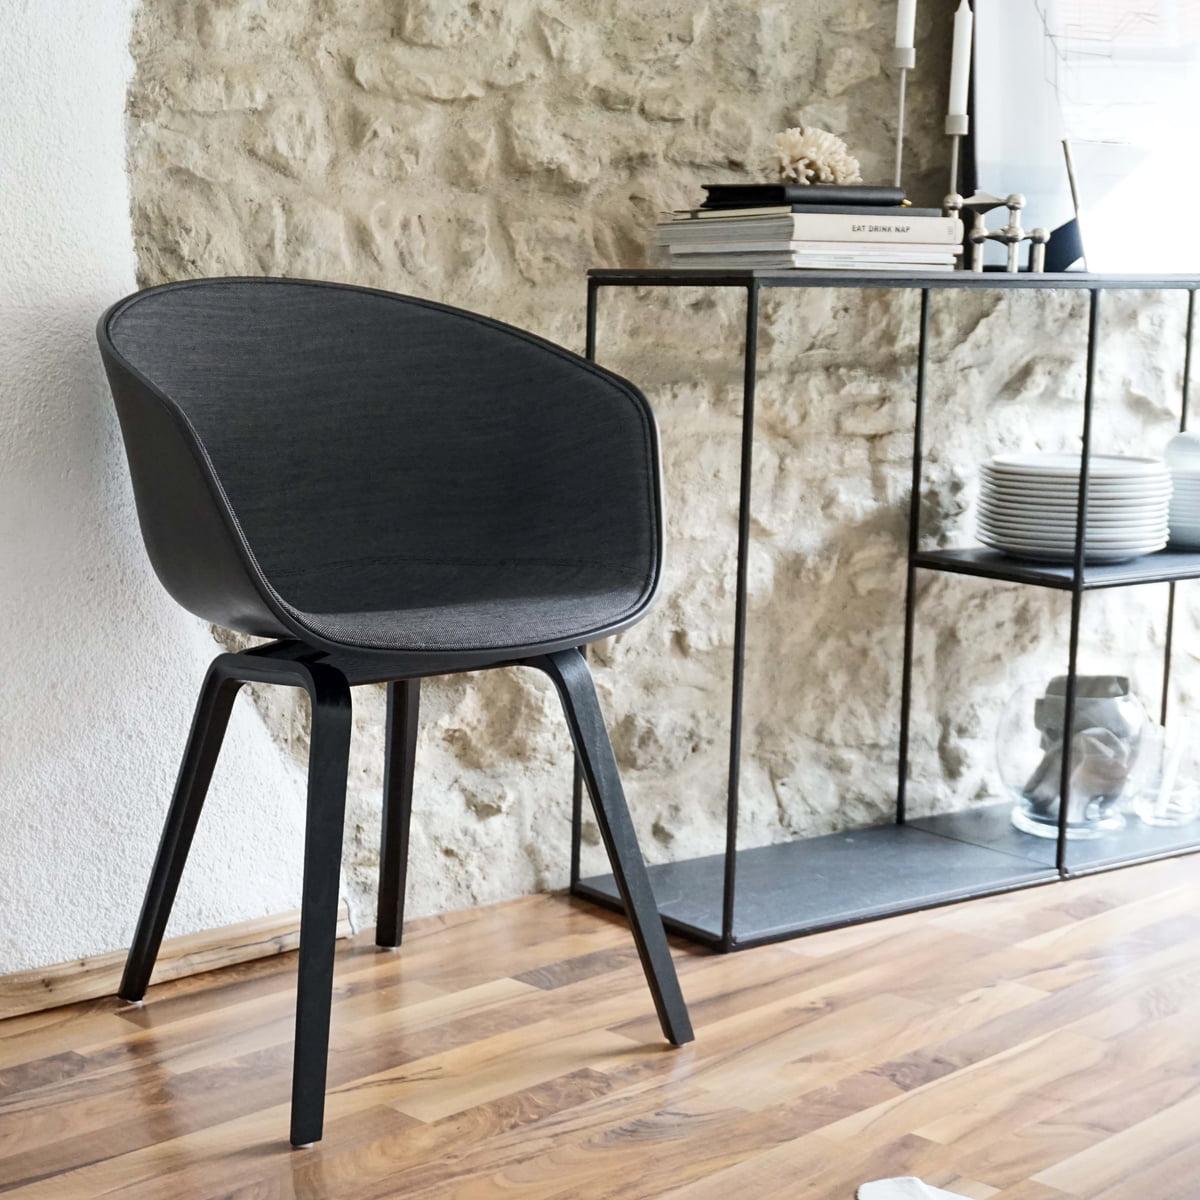 About a chair aac 22 avec rembourrage de hay - Stilreich blog instagram ...